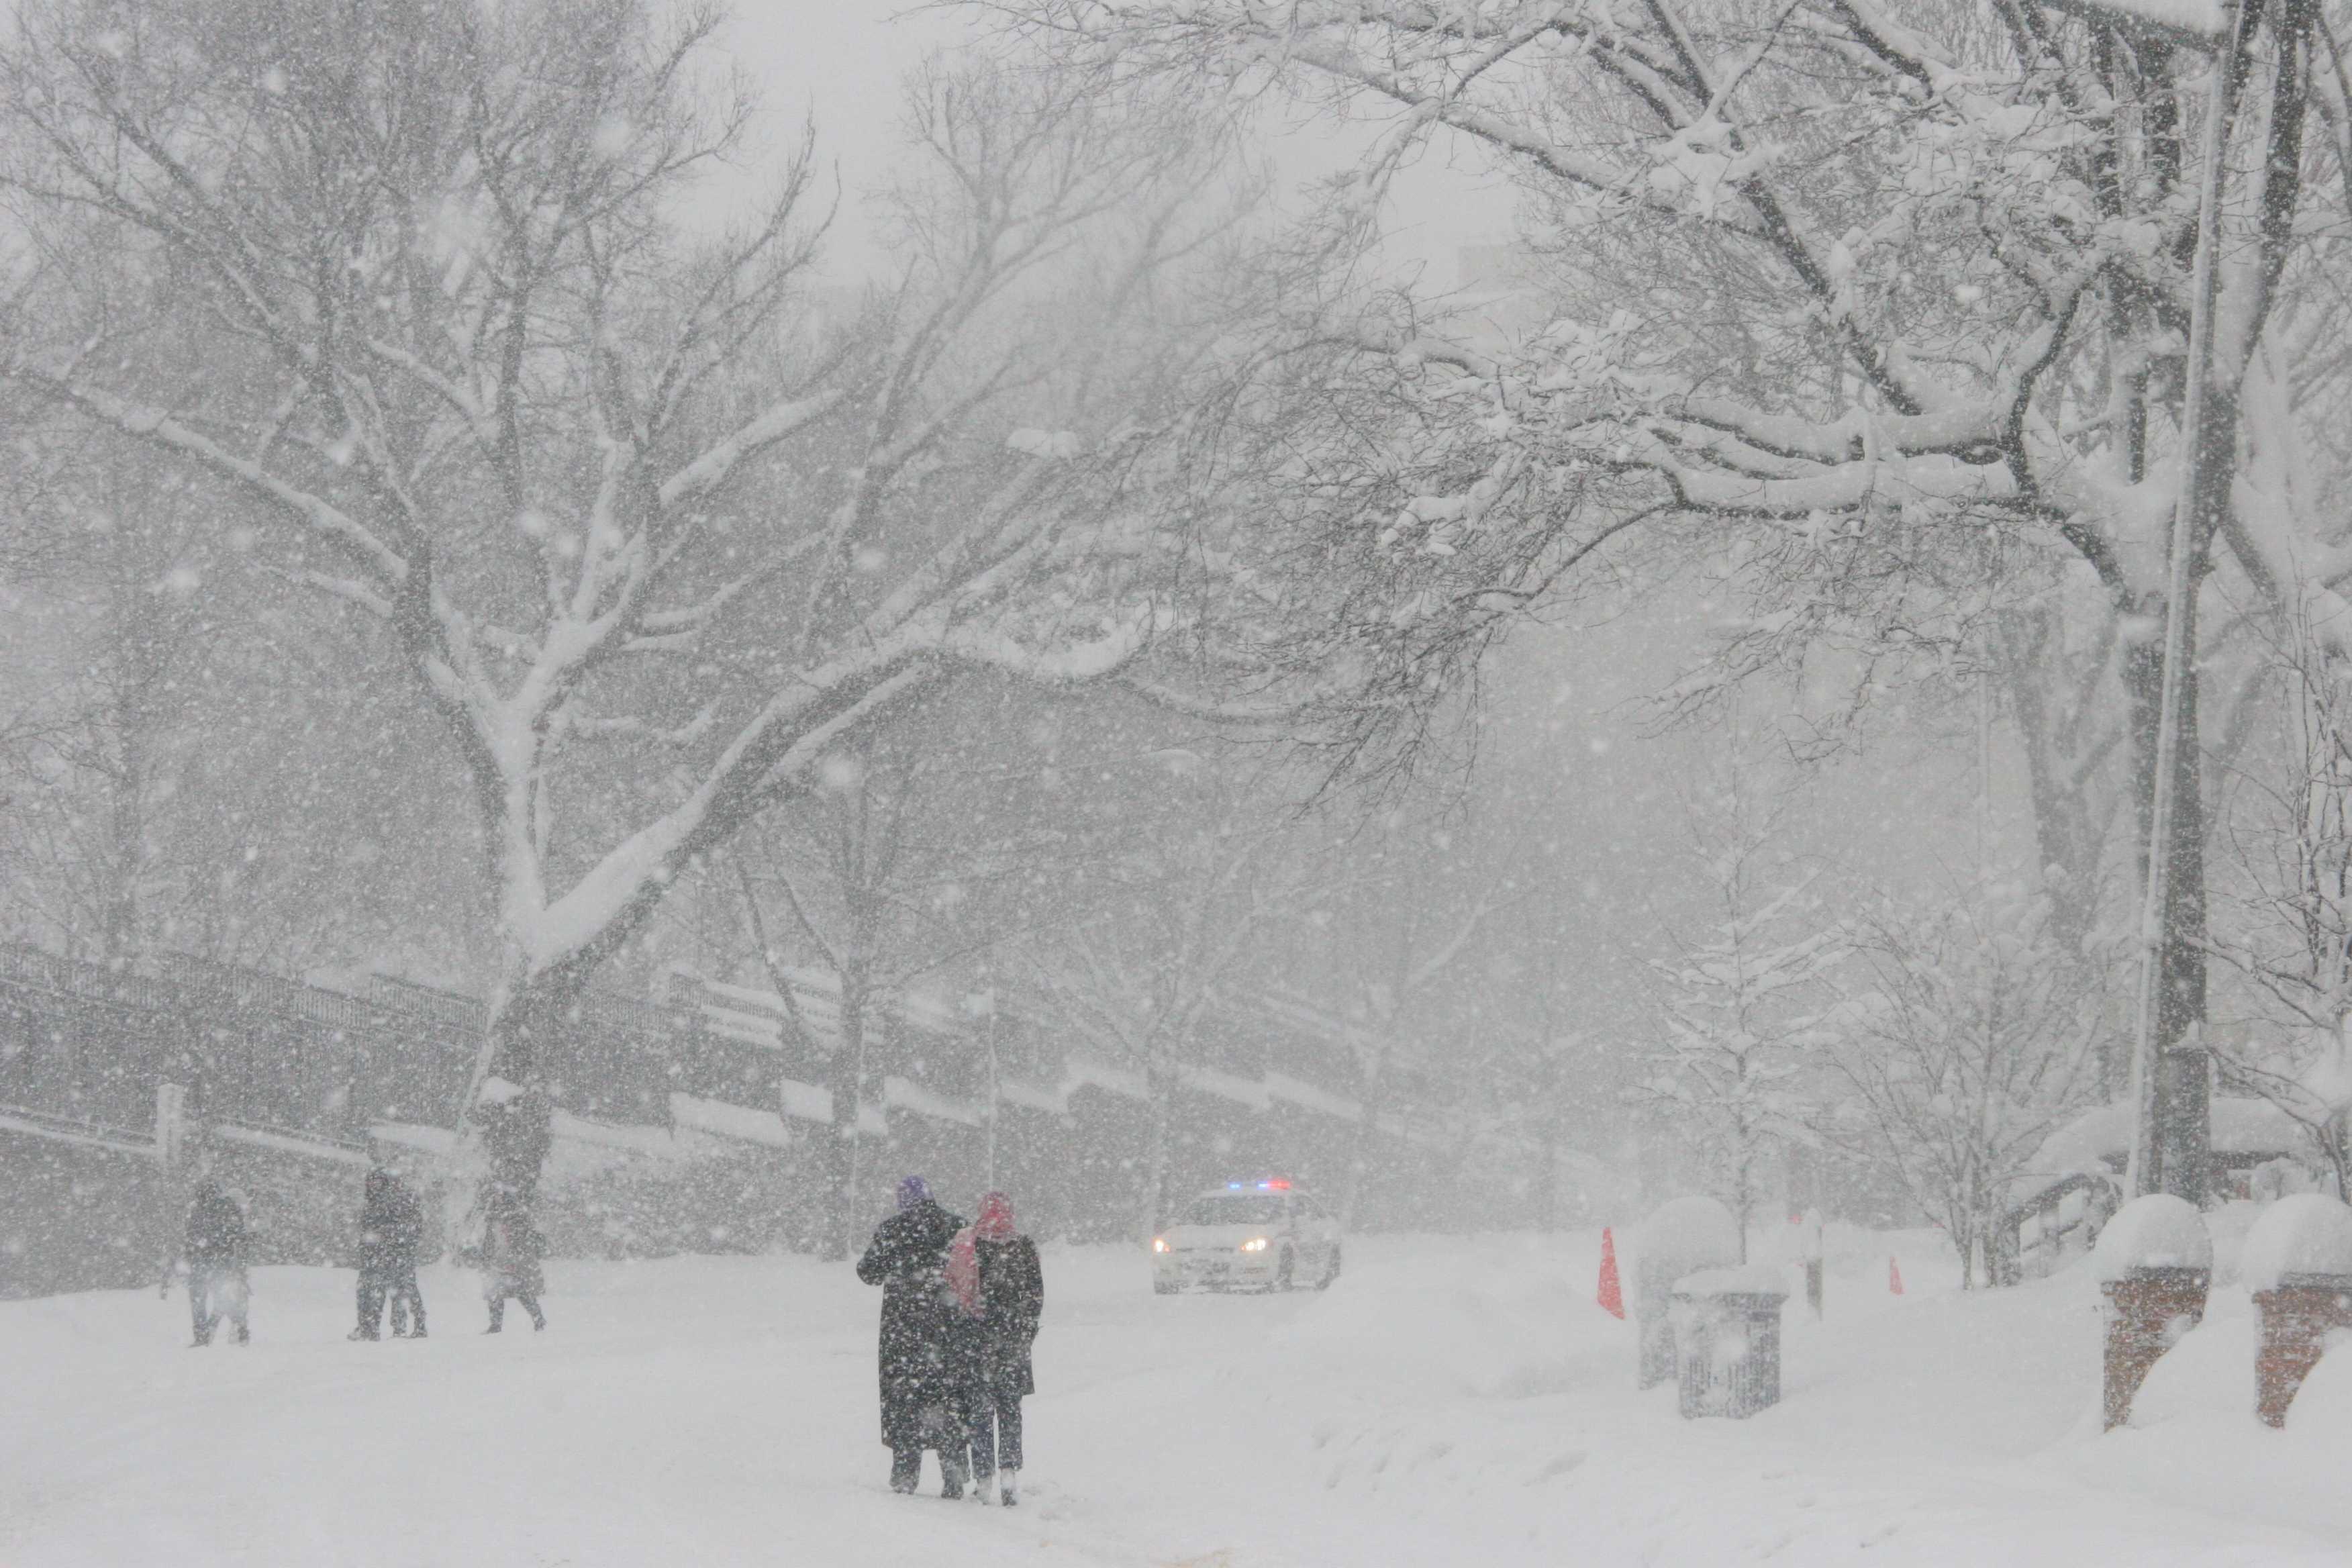 [Don't] Let it Snow